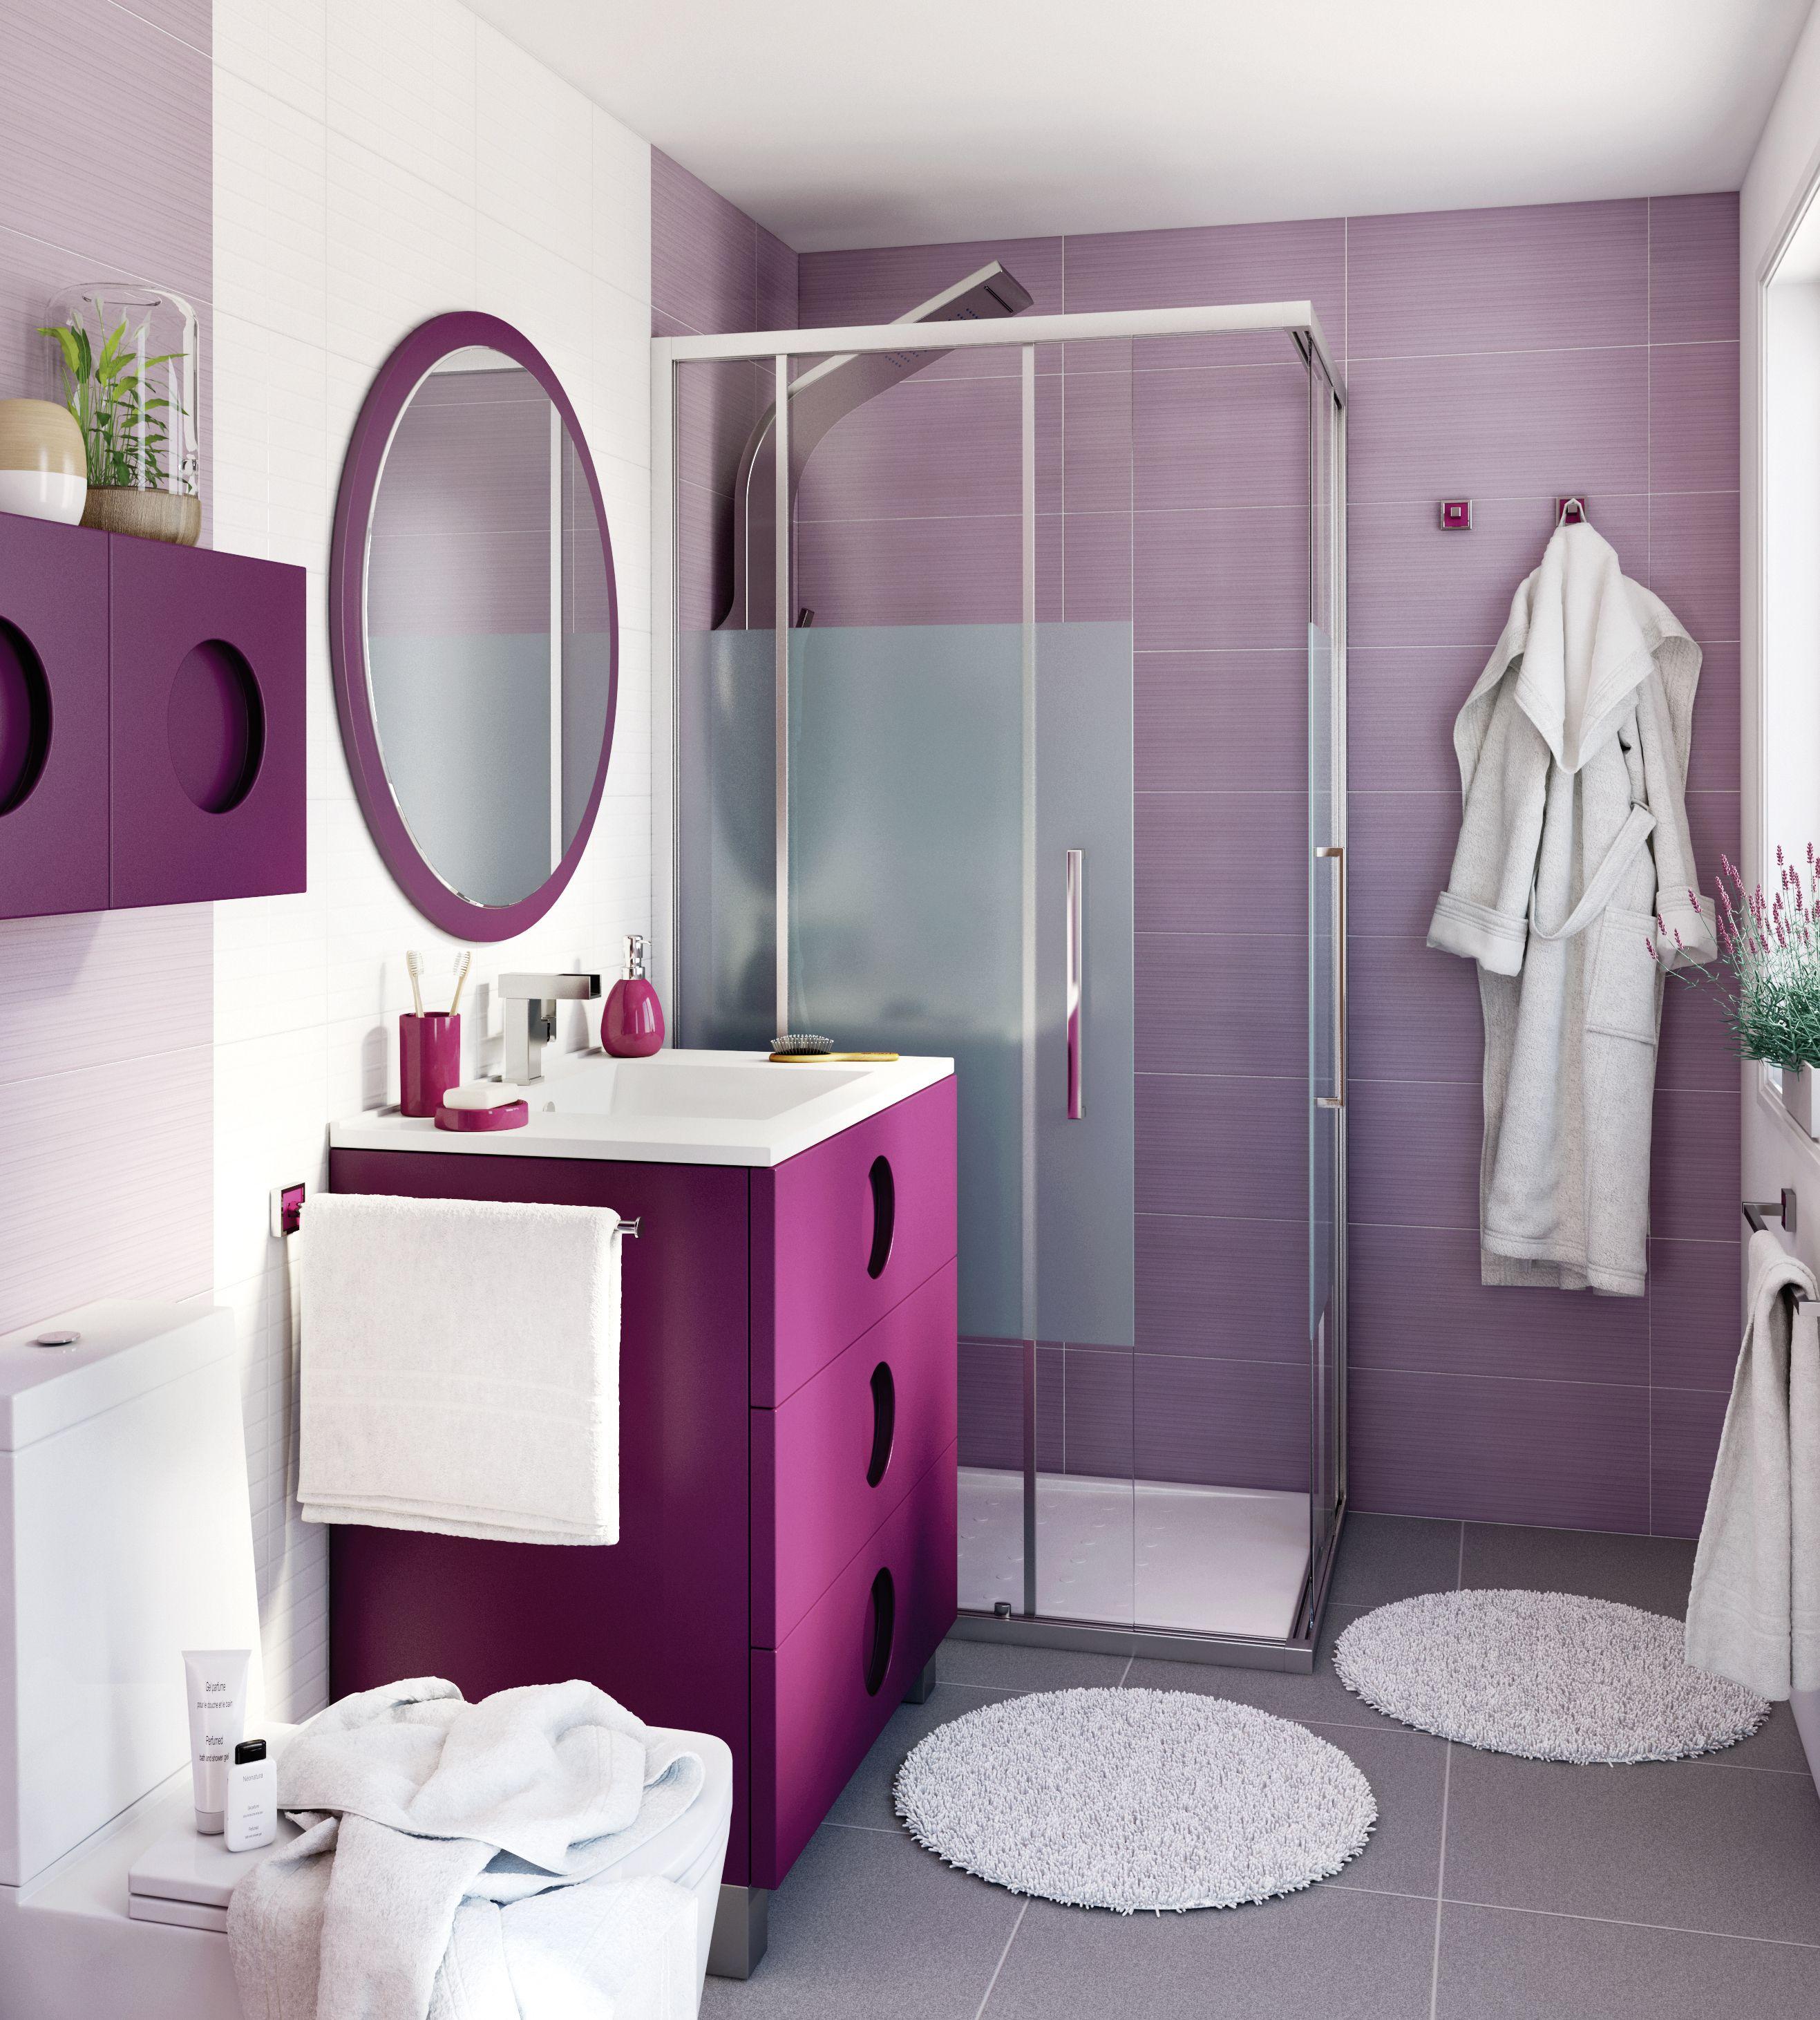 La cer mica a tono con el mueble potencia el color leroy for Leroy azulejos bano